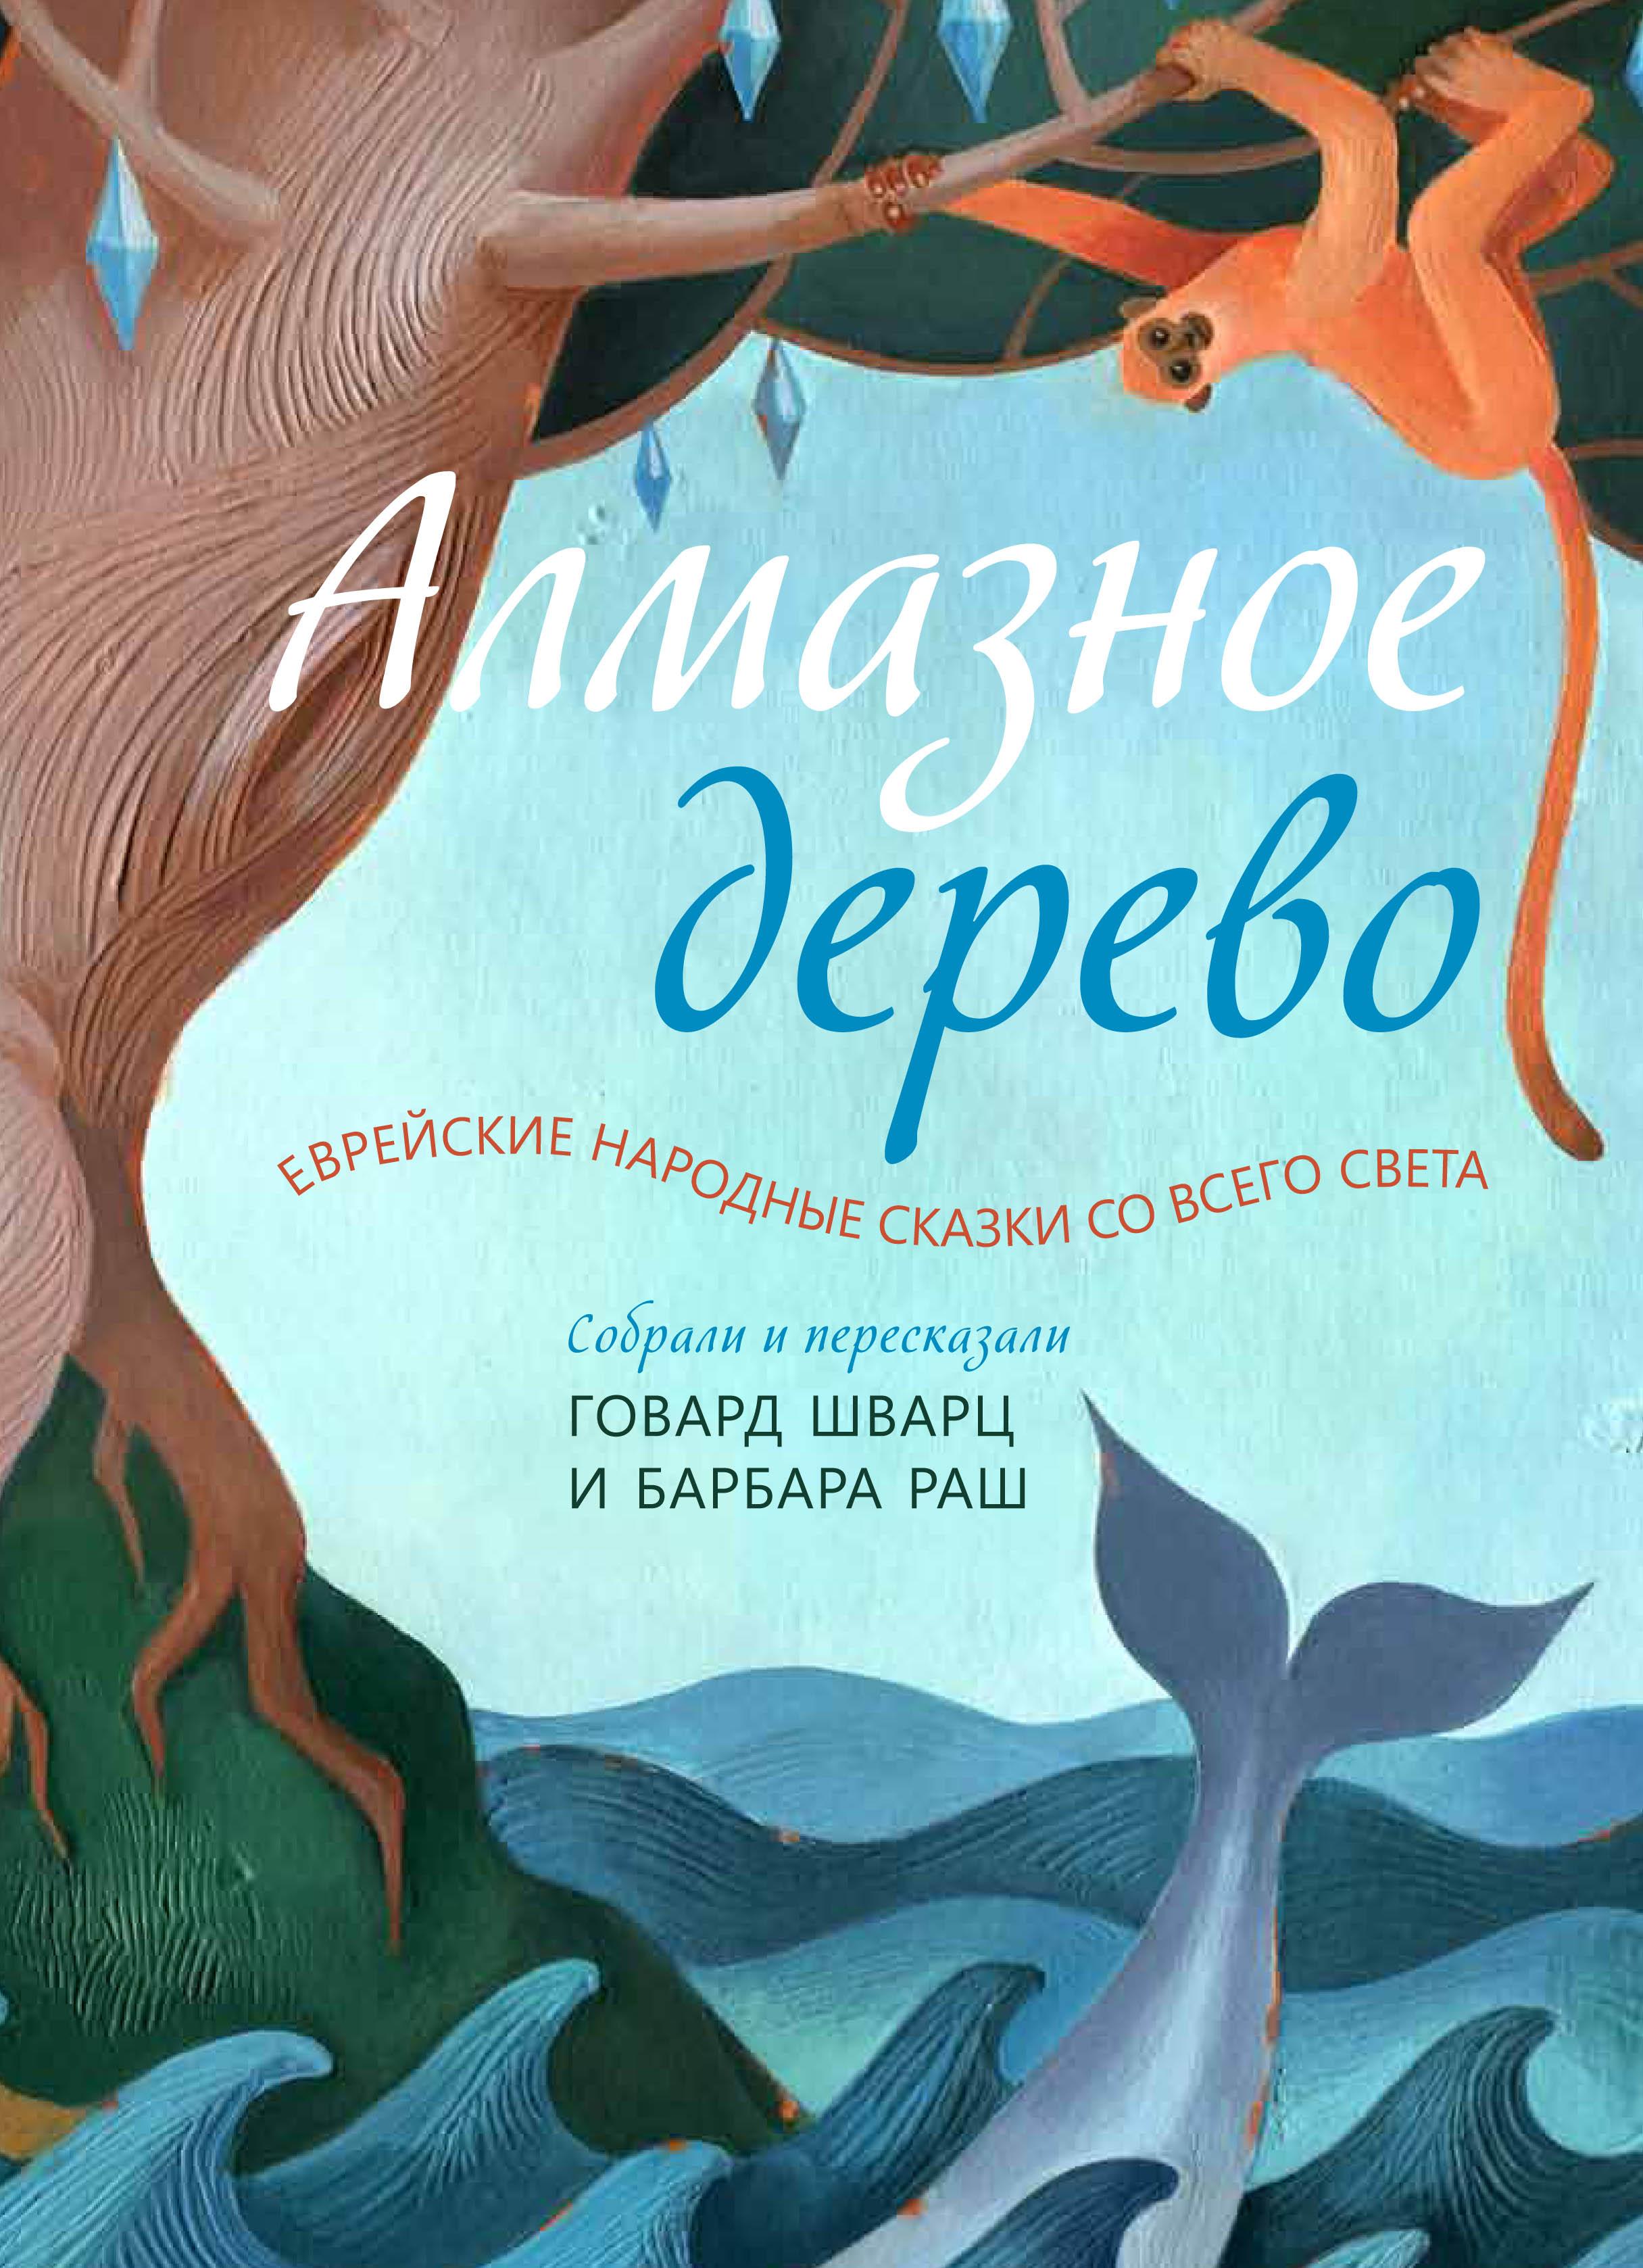 Сборник Алмазное дерево. Еврейские народные сказки со всего света цены онлайн